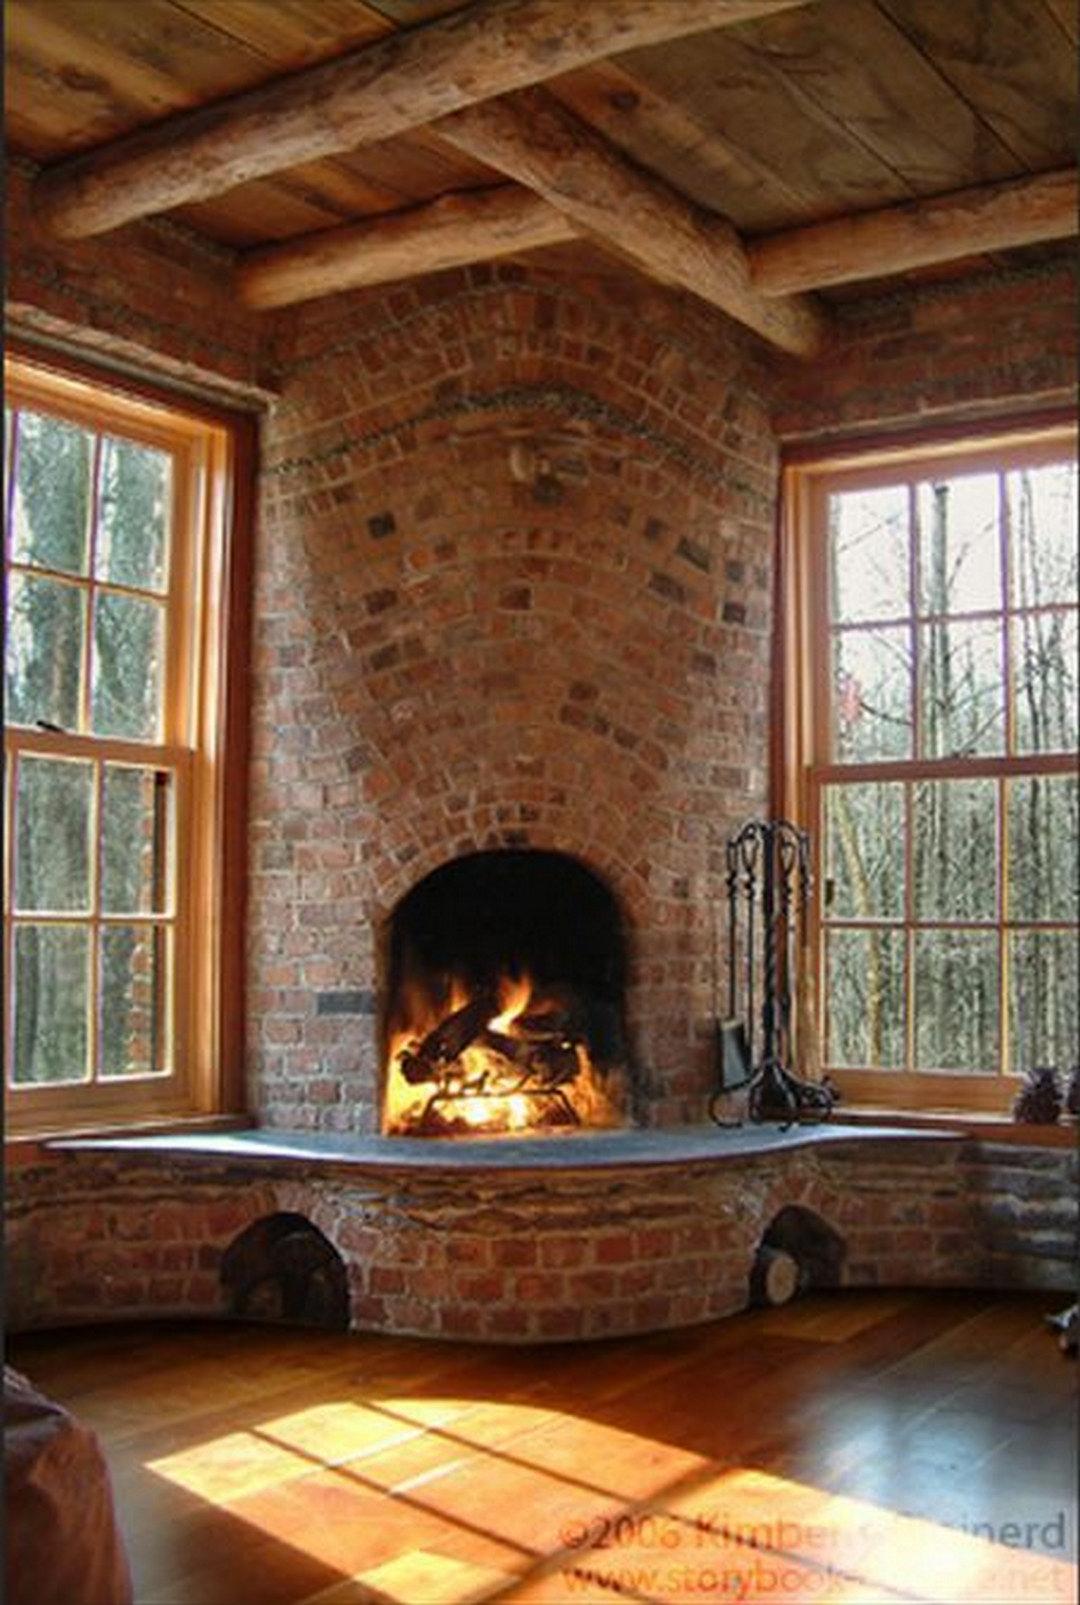 87 Barn Style Interior Design Ideas | Interiores, Casas y ...